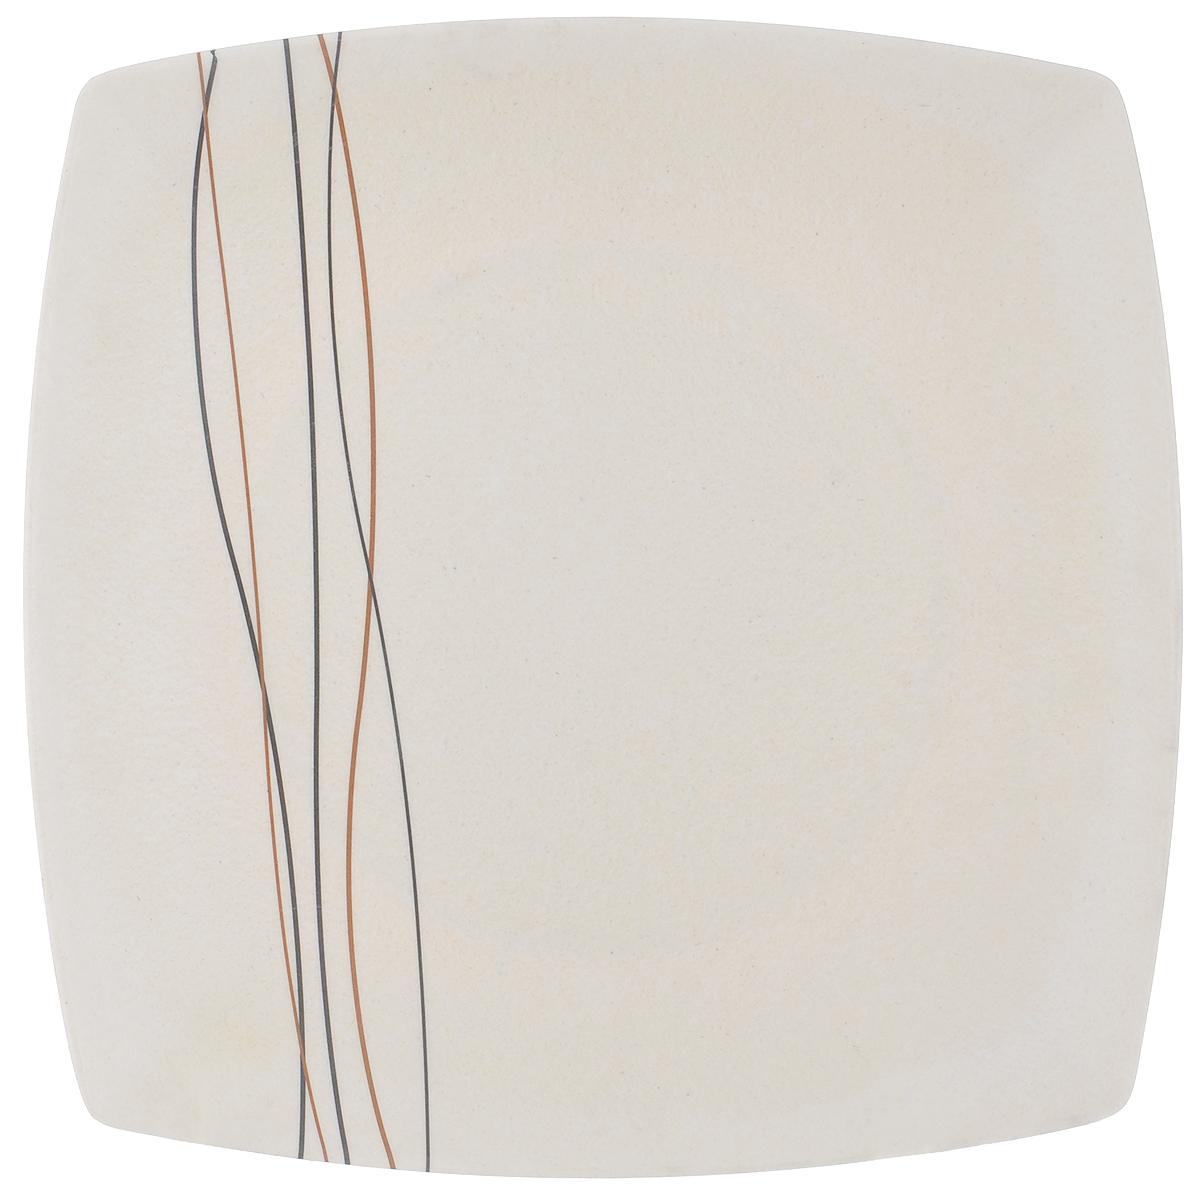 Поднос Kesper, бамбуковый, 25 см х 25 см4115-2Оригинальный поднос Kesper изготовленный из волокон бамбука, станет незаменимым предметом для сервировки стола. Поднос не только дополнит интерьер вашей кухни, но предохранит поверхность стола от грязи и перегрева. Яркий и стильный поднос Kesper придется по вкусу и ценителям классики, и тем, кто предпочитает современный стиль. Размер подноса: 25 см х 25 см х 1,5 см.